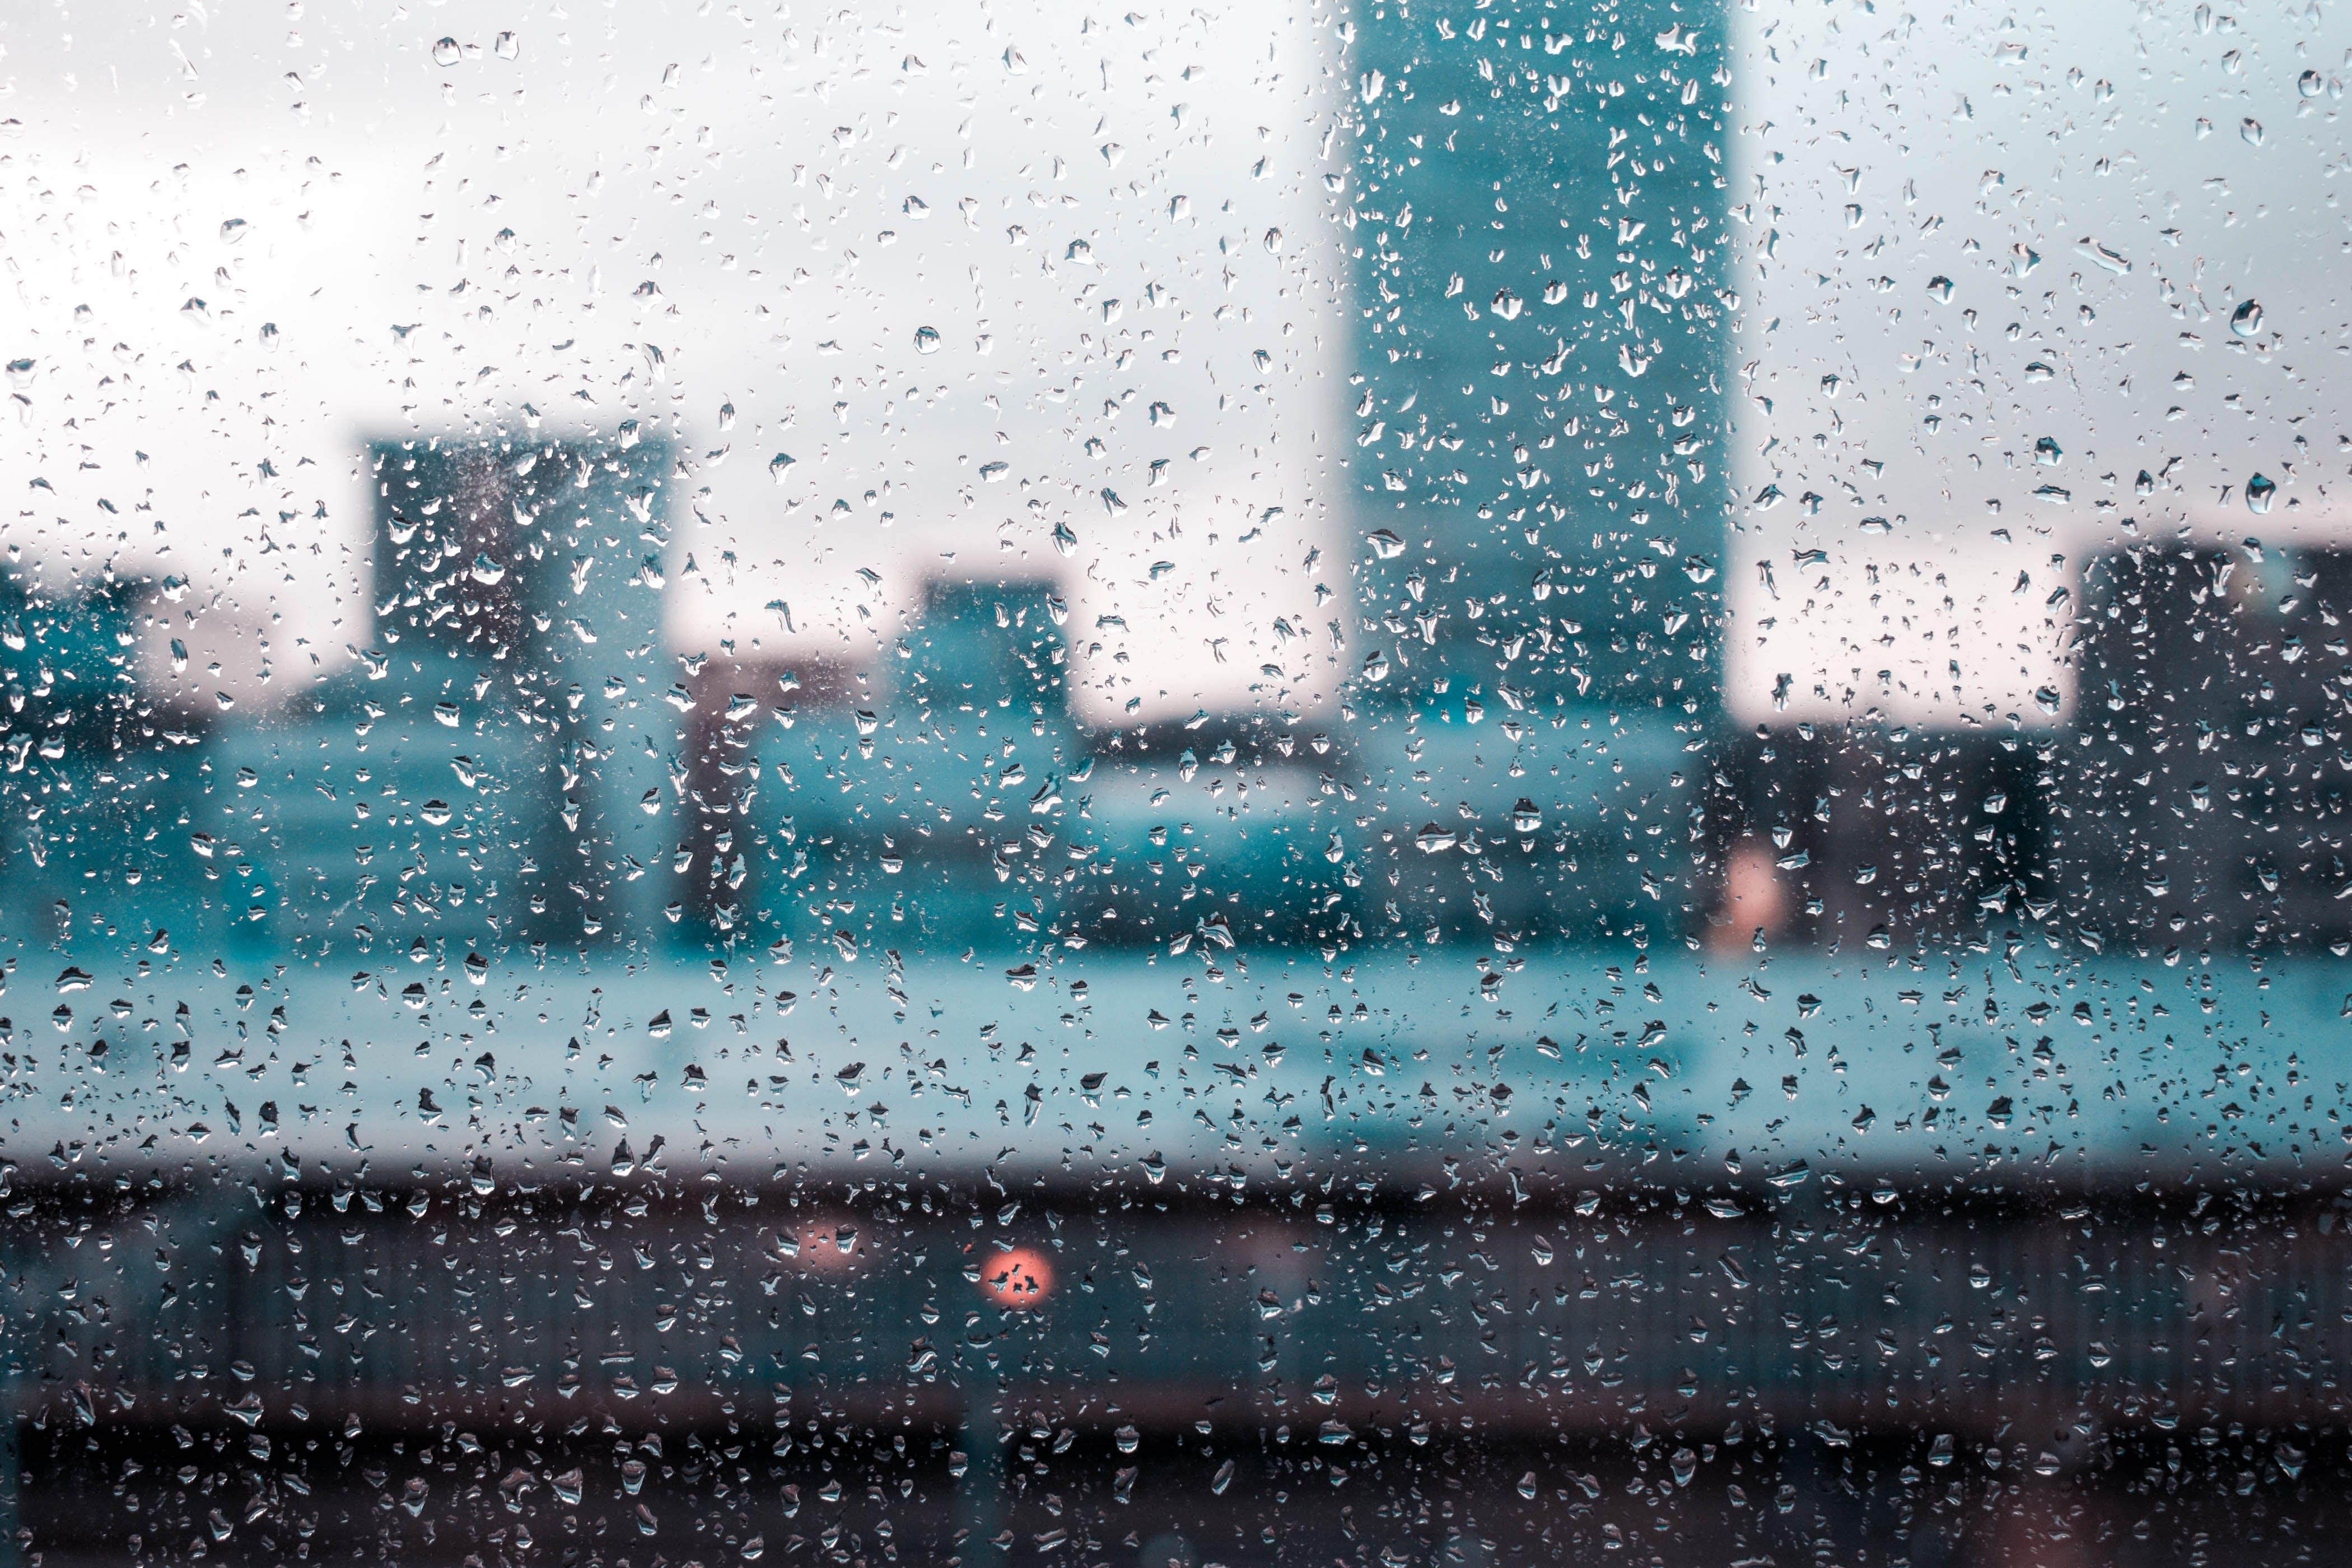 Kostenloses Stock Foto zu durchsichtig, fokus, glas, klar